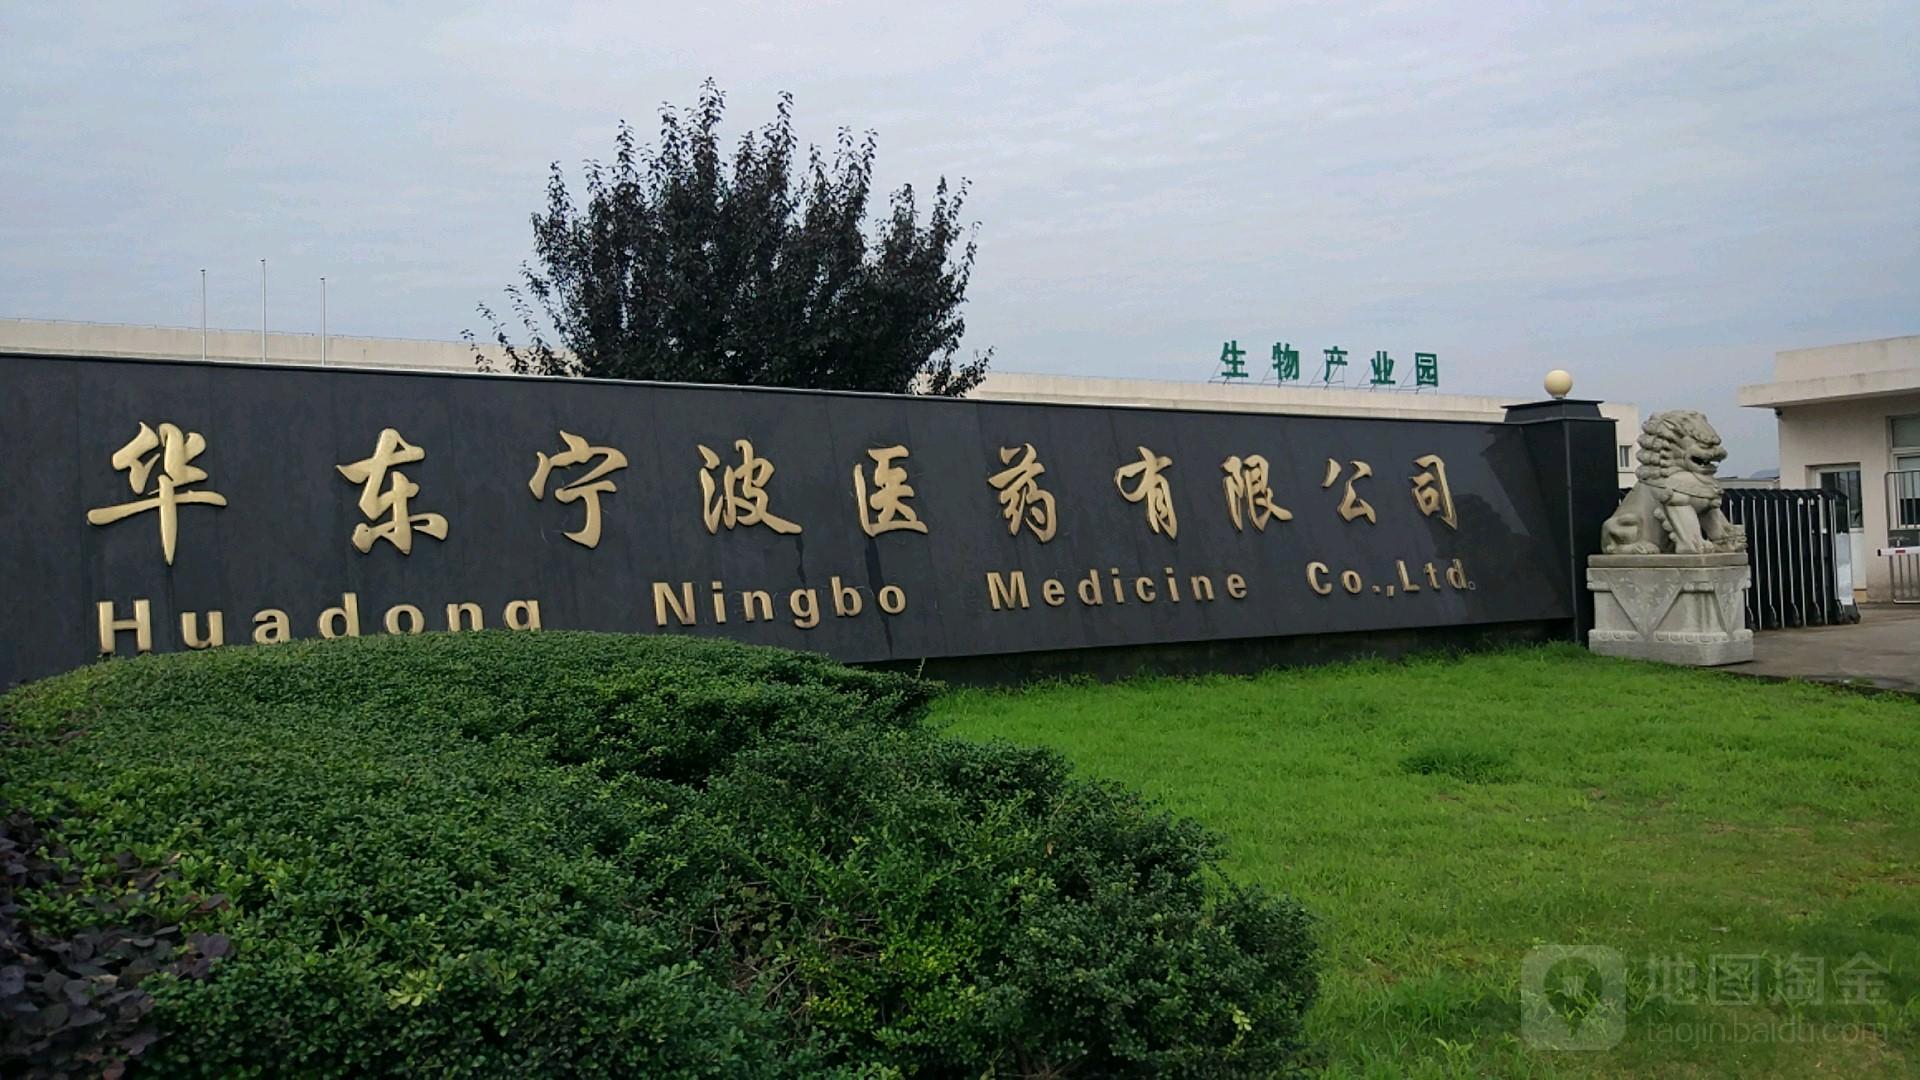 华东宁波医药有限公司除湿案例